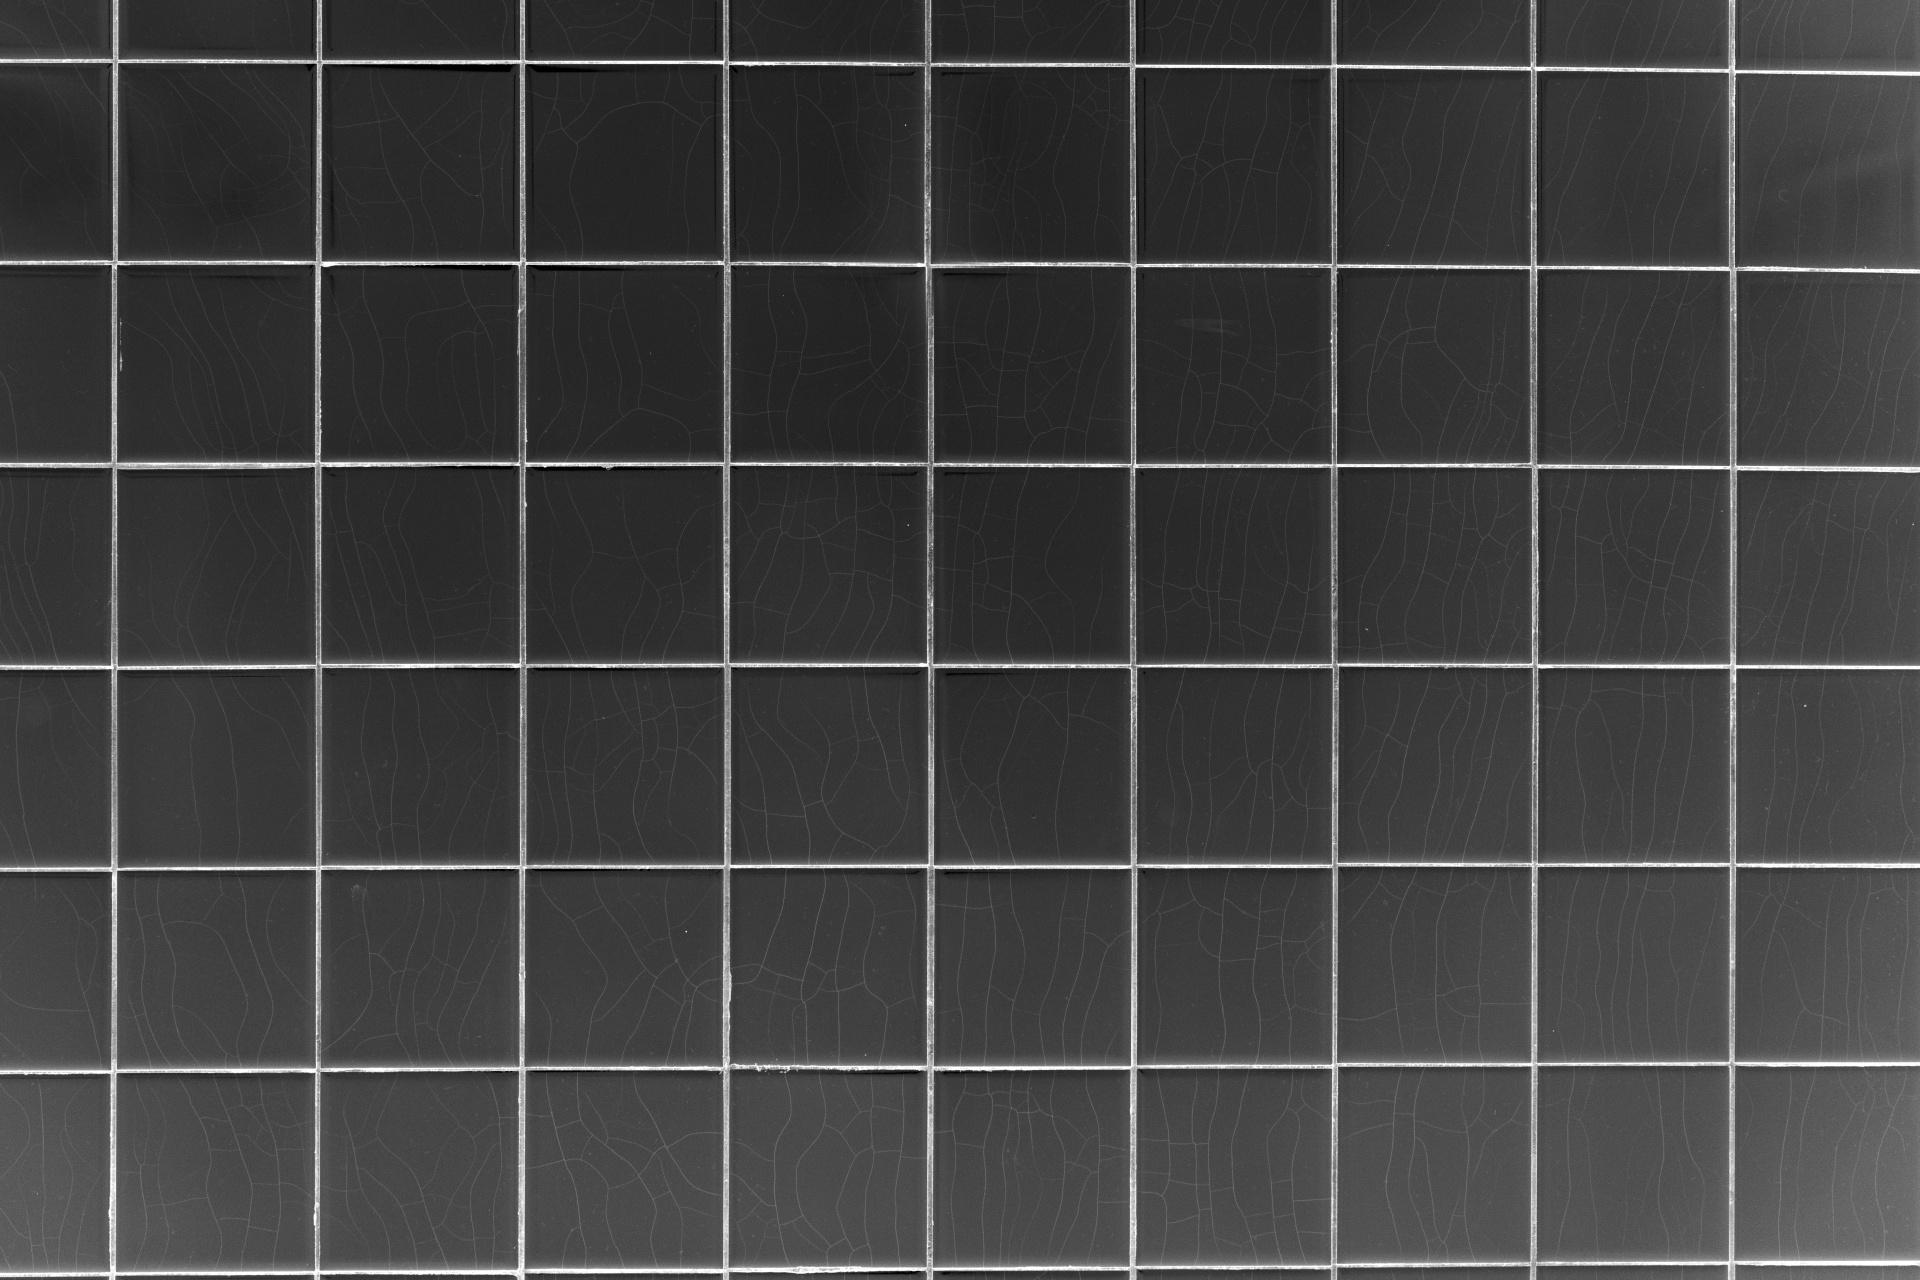 Black Tiles Free Stock Photo